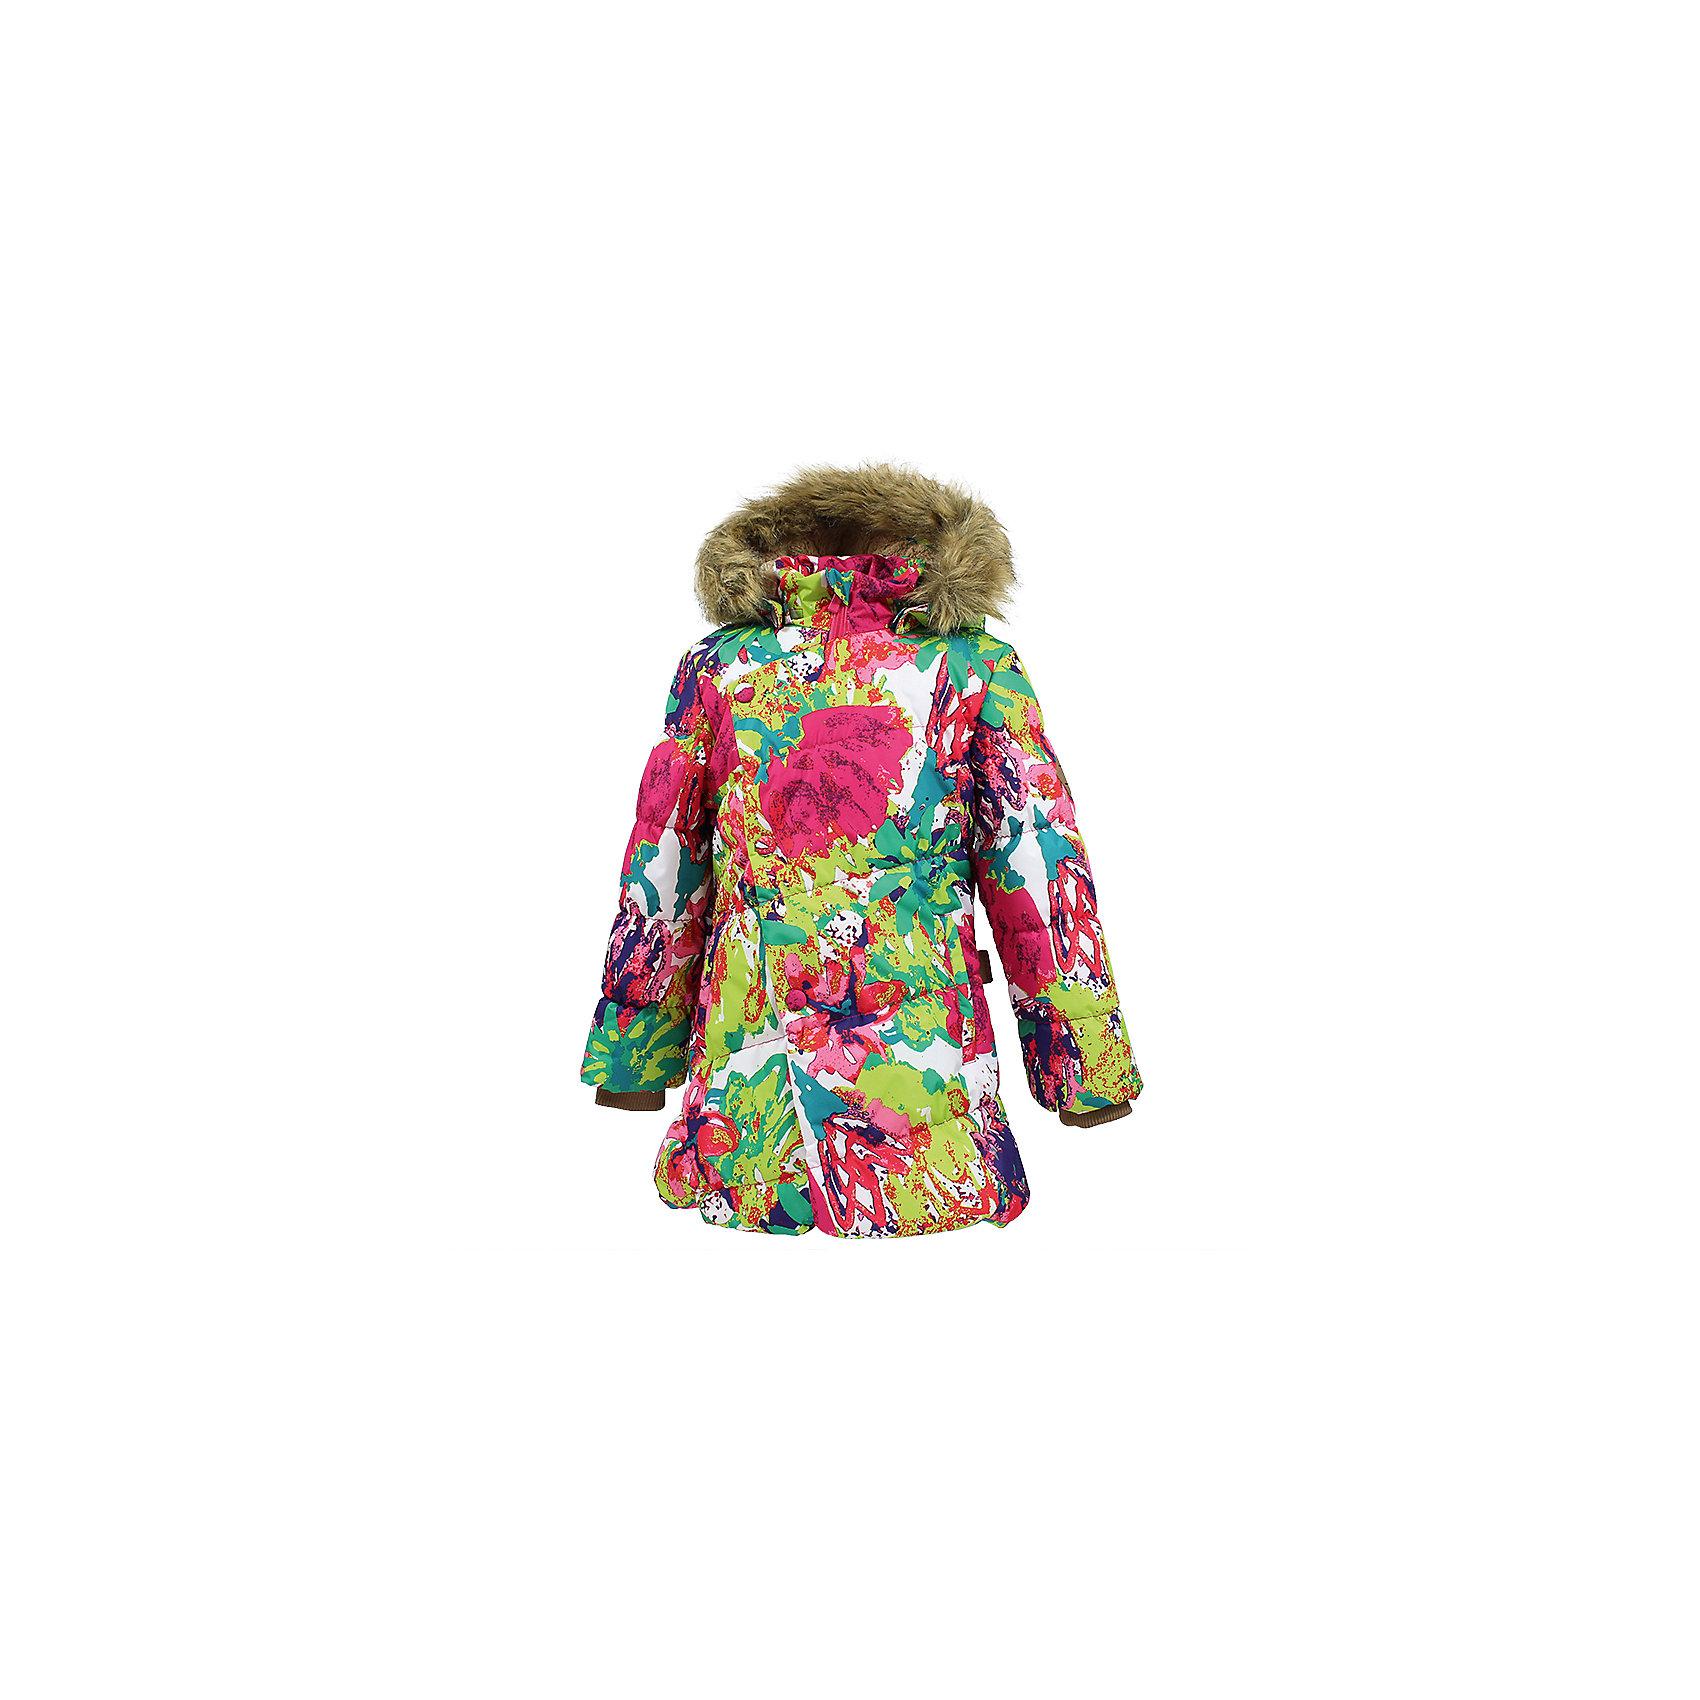 Куртка ROSA Huppa для девочкиЗимние куртки<br>Характеристики товара:<br><br>• модель: Rosa;<br>• состав: 100% полиэстер;<br>• утеплитель: полиэстер,300 гр.;<br>• подкладка: Teddy Fur, тафта,полиэстер;<br>• сезон: зима;<br>• температурный режим: от -5 до - 30С;<br>• водонепроницаемость: 10000 мм;<br>• воздухопроницаемость: 10000 г/м2/24ч;<br>• особенности модели: с рисунком,с мехом на капюшоне;<br>• защитная планка молнии на кнопках;<br>• защита подбородка от защемления;<br>• мягкая меховая подкладка;<br>• капюшон отстегивается;<br>• искусственный мех на капюшоне съемный;<br>• два врезных кармана на молнии;<br>• светоотражающие элементы для безопасности ребенка;<br>• трикотажные манжеты; <br>• страна бренда: Финляндия;<br>• страна изготовитель: Эстония.<br><br>Зимняя куртка Rosa  для девочки изготовлена из водо и ветронепроницаемого, грязеотталкивающего материала. В куртке Rosa  300 грамм утеплителя, которые обеспечат тепло и комфорт ребенку при температуре от -5 до -30 градусов.Подкладка —Teddy Fur,тафта.<br><br>Функциональные элементы: капюшон отстегивается с помощью кнопок, мех отстегивается, защитная планка молнии на кнопках, защита подбородка от защемления, мягкая меховая подкладка, карманы на молнии, трикотажные манжеты, светоотражающие элементы. <br><br>Куртку Rosa для девочки бренда HUPPA  можно купить в нашем интернет-магазине.<br><br>Ширина мм: 356<br>Глубина мм: 10<br>Высота мм: 245<br>Вес г: 519<br>Цвет: белый<br>Возраст от месяцев: 144<br>Возраст до месяцев: 156<br>Пол: Женский<br>Возраст: Детский<br>Размер: 158,98,104,110,116,122,128,134,140,146,152<br>SKU: 7024934